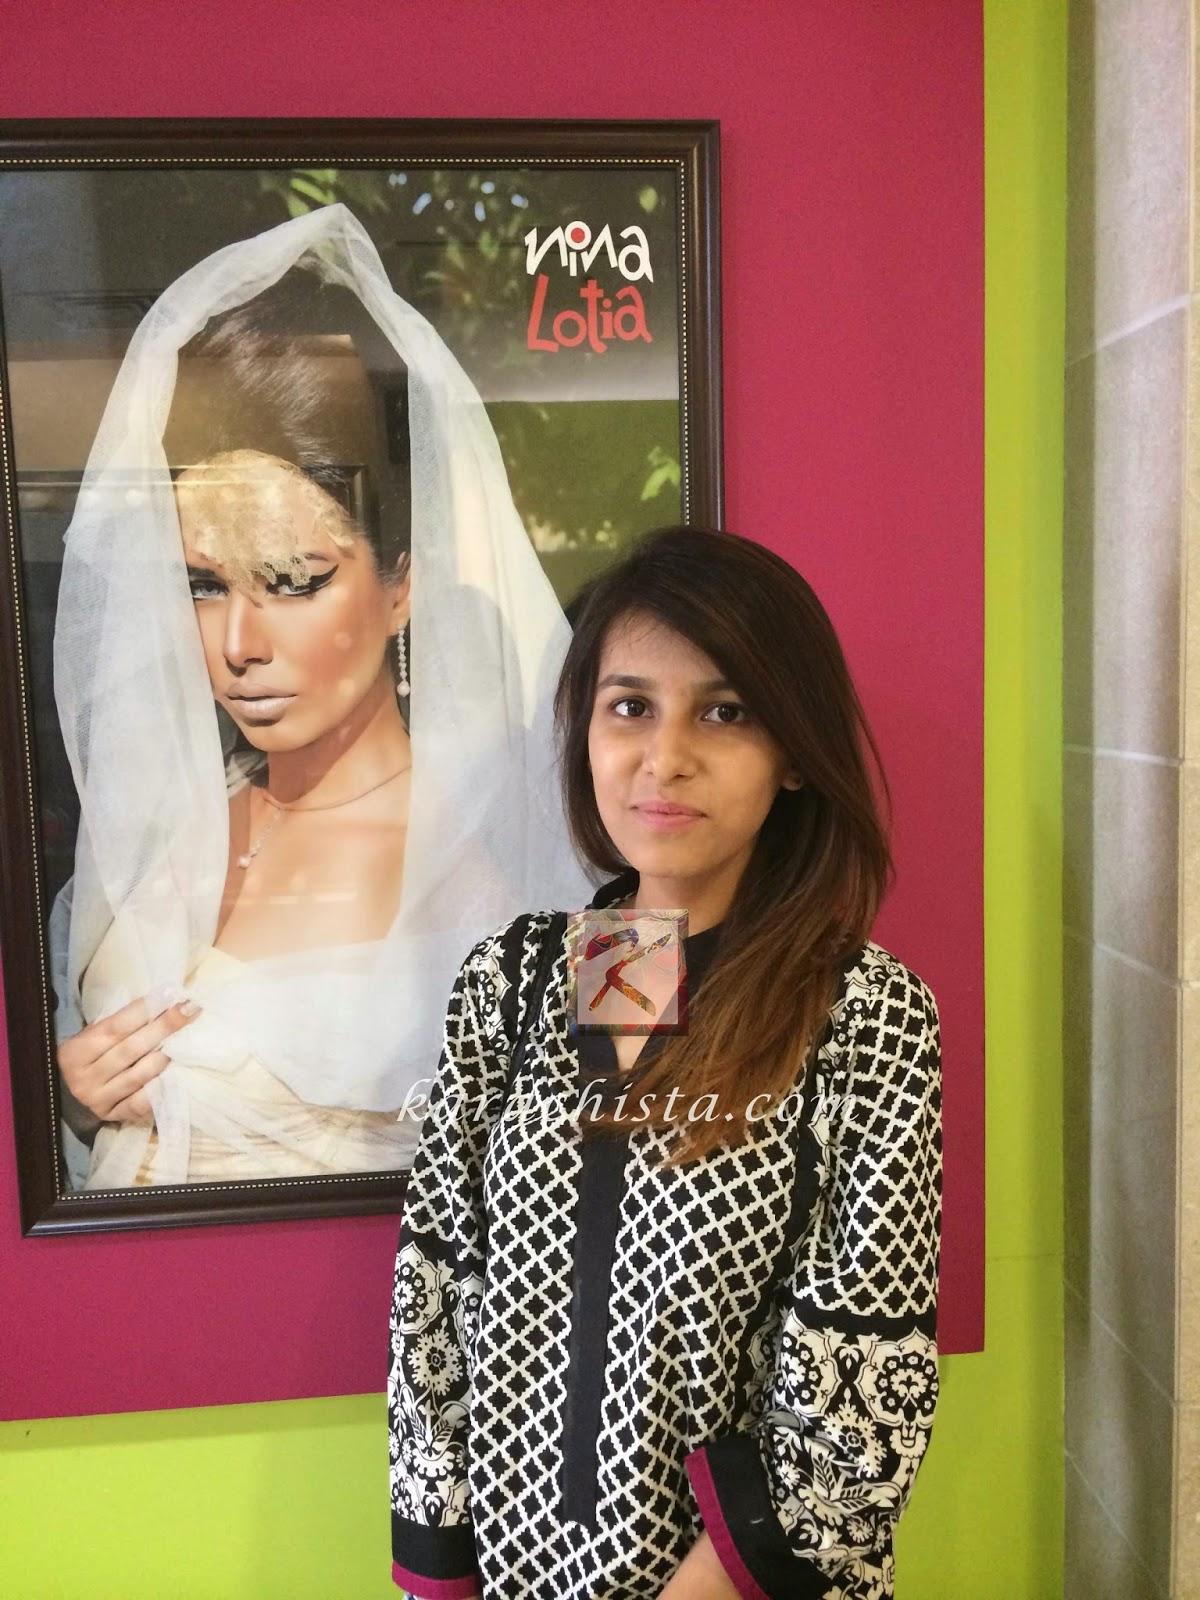 Laiba after her Kerastase treatment at Nina Lotia's salon